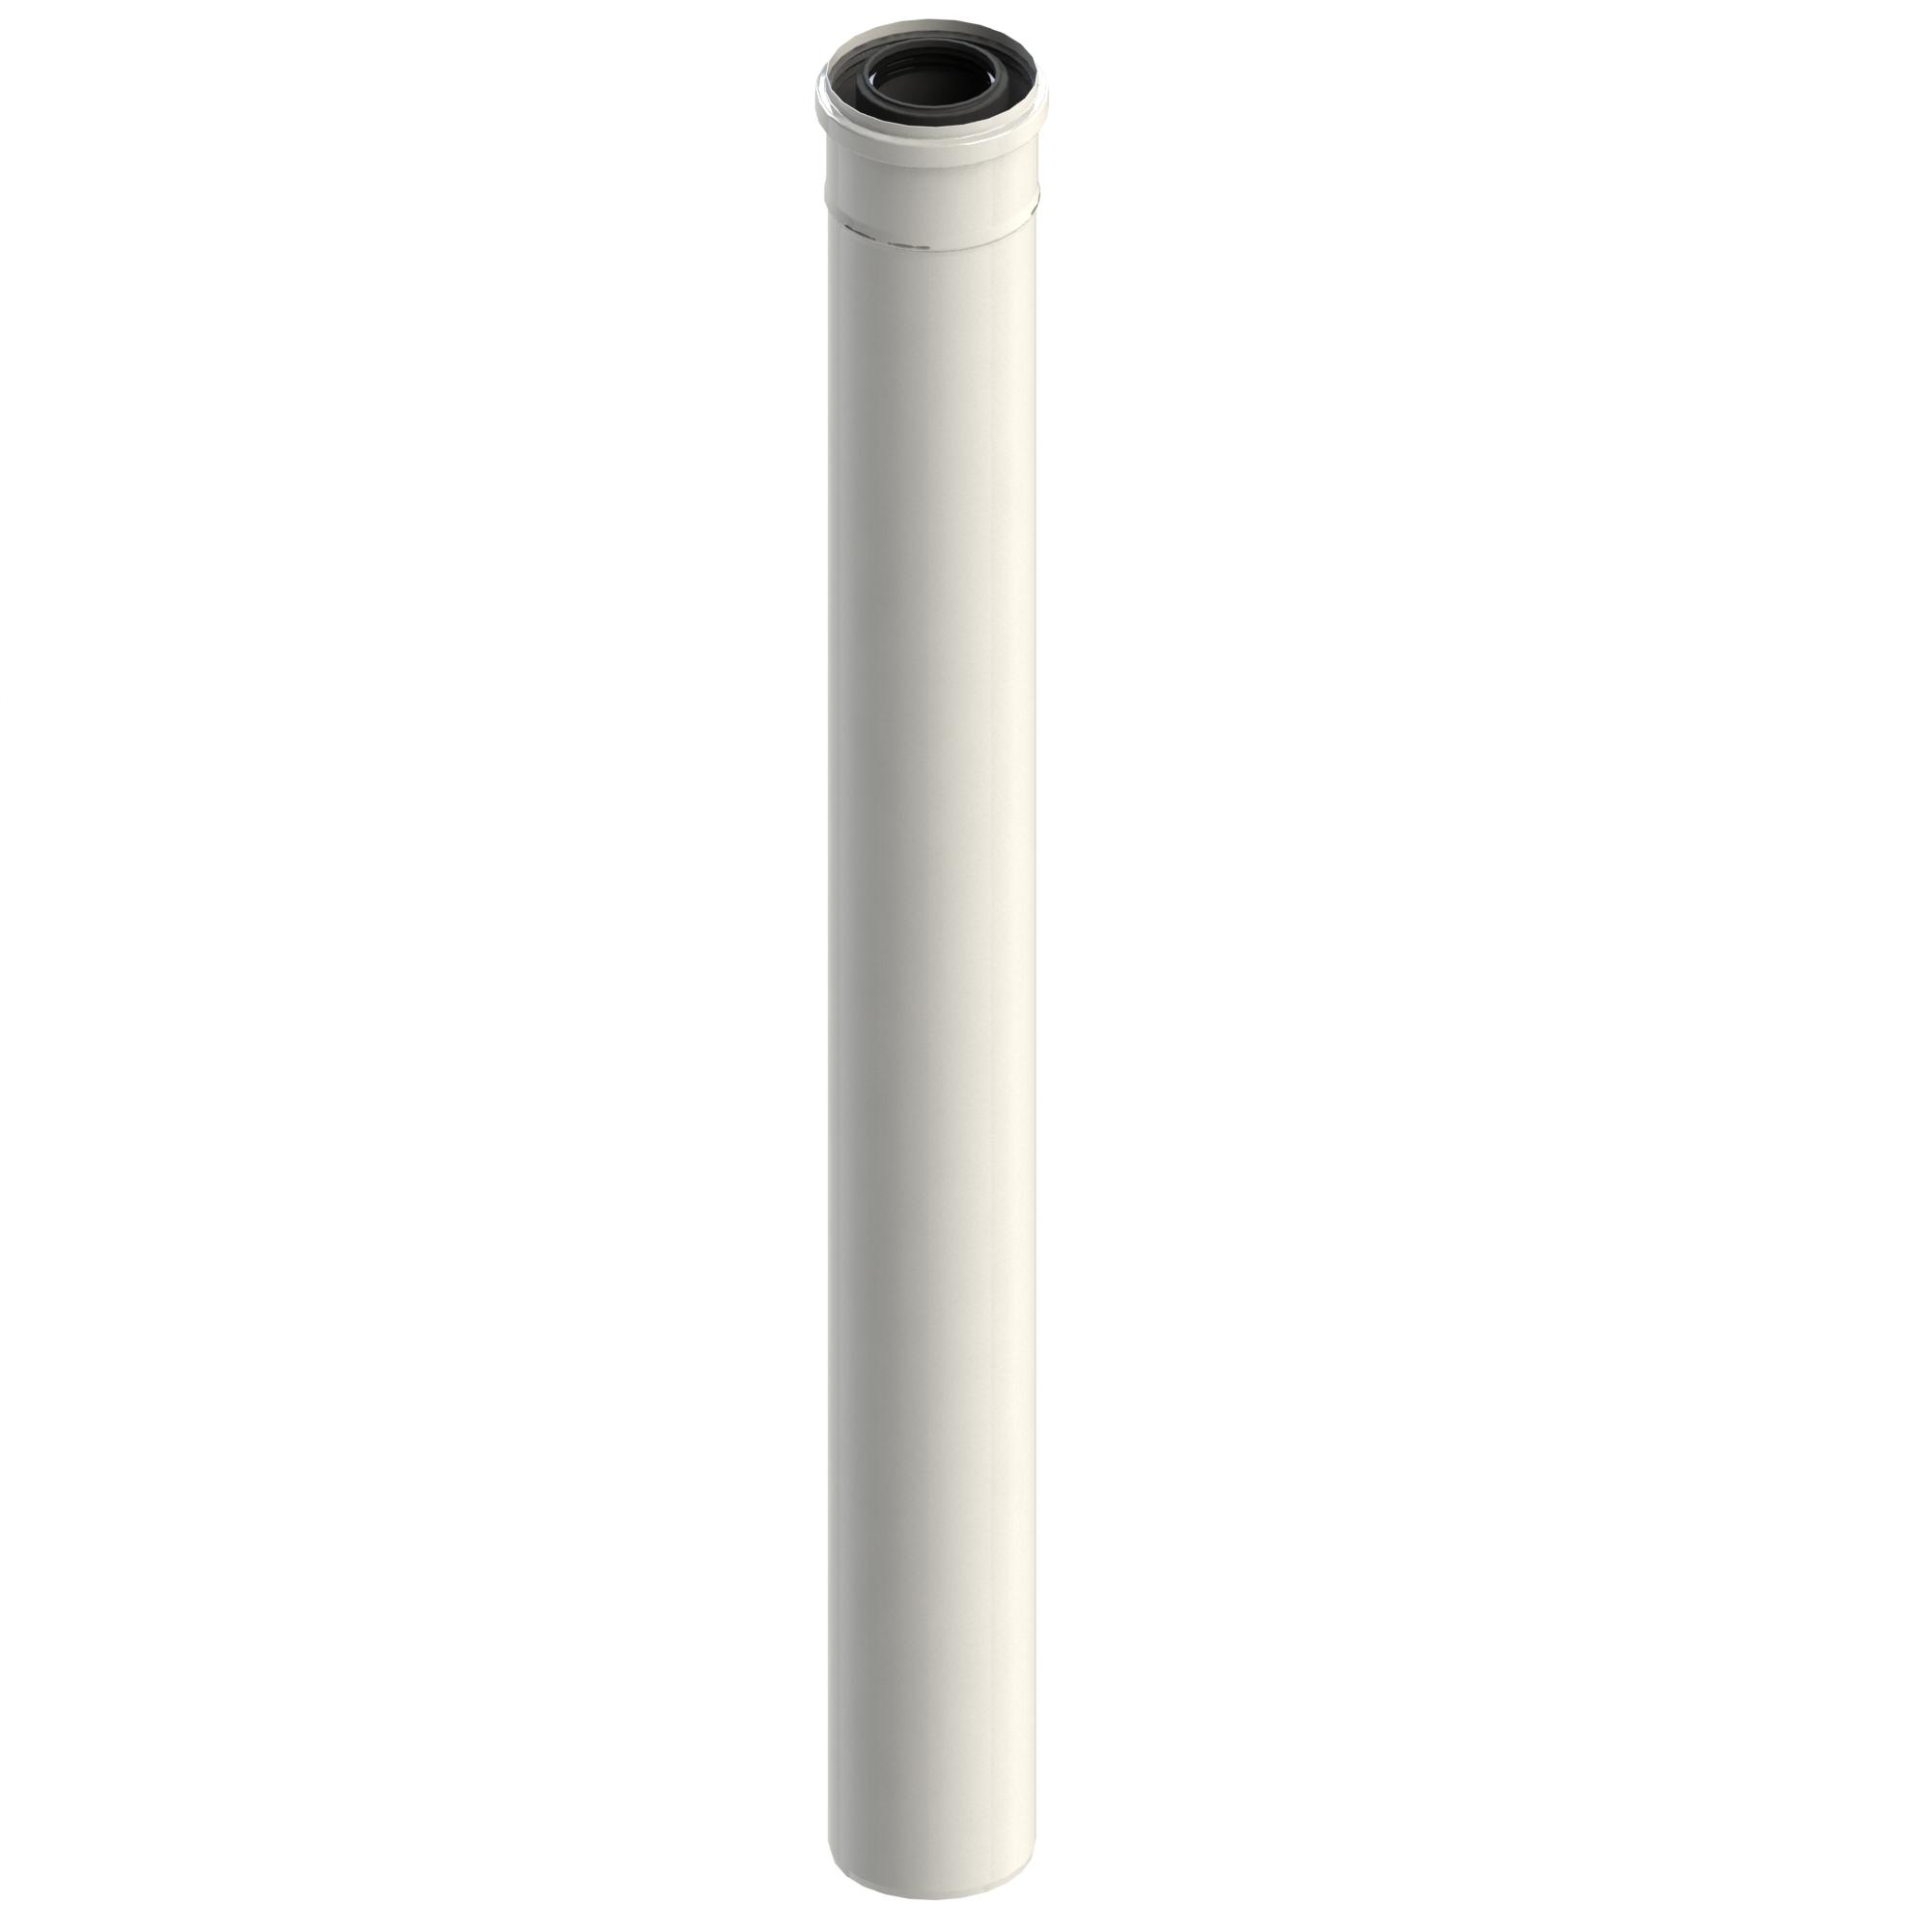 Längenelement 1000 mm - konzentrisch für Tecnovis TWIN-PL